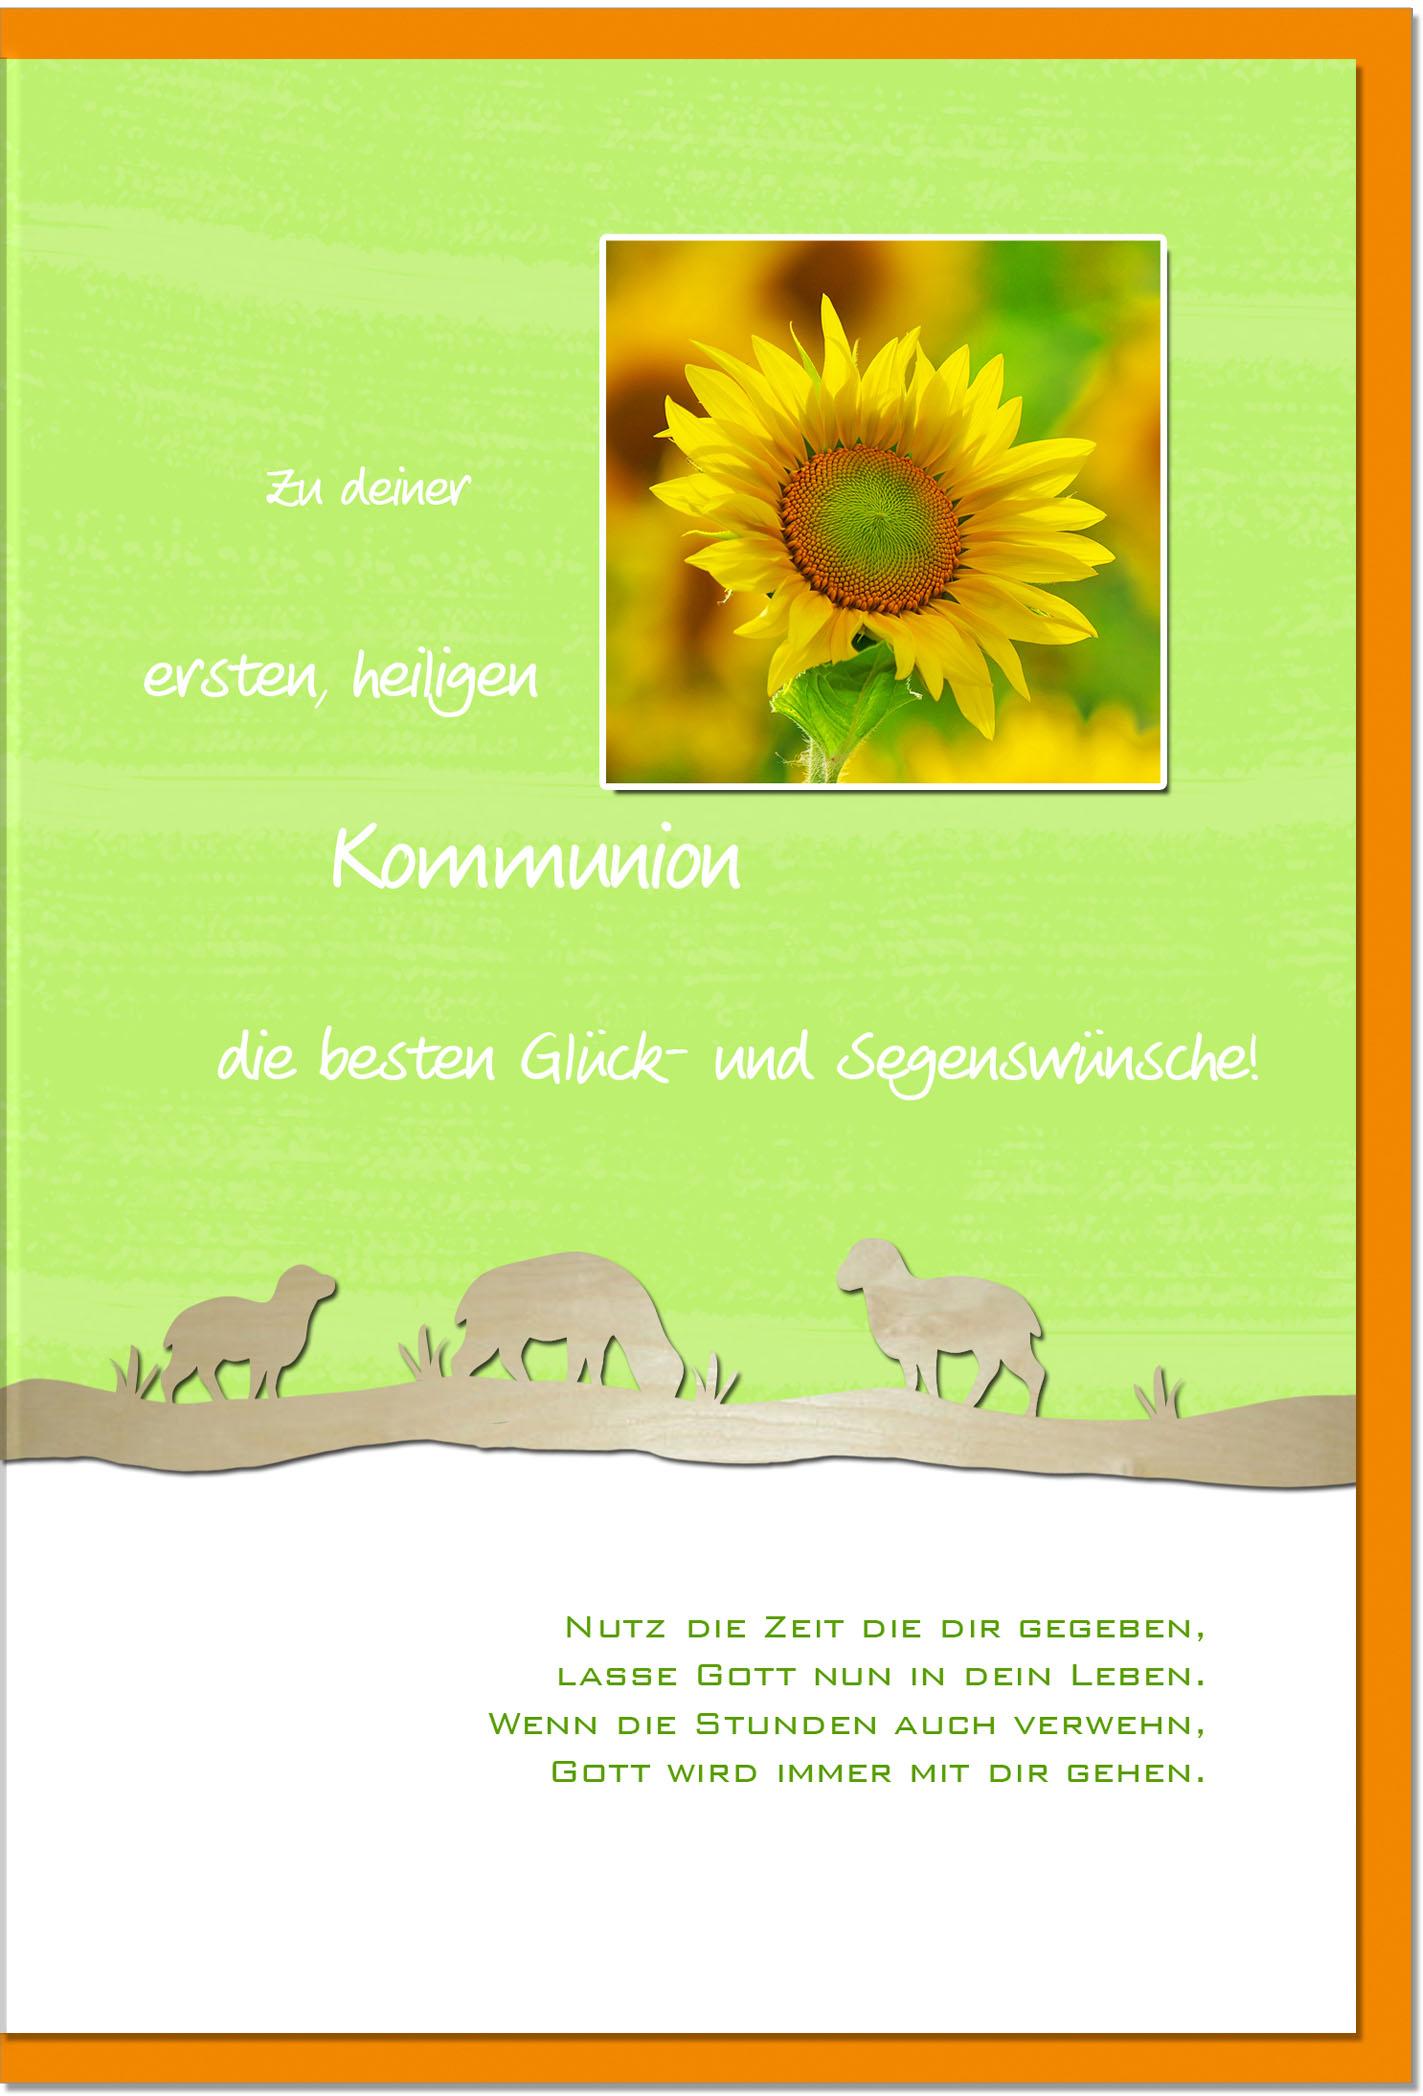 Kommunionskarten / Grußkarten /Kommunion Sonnenblume